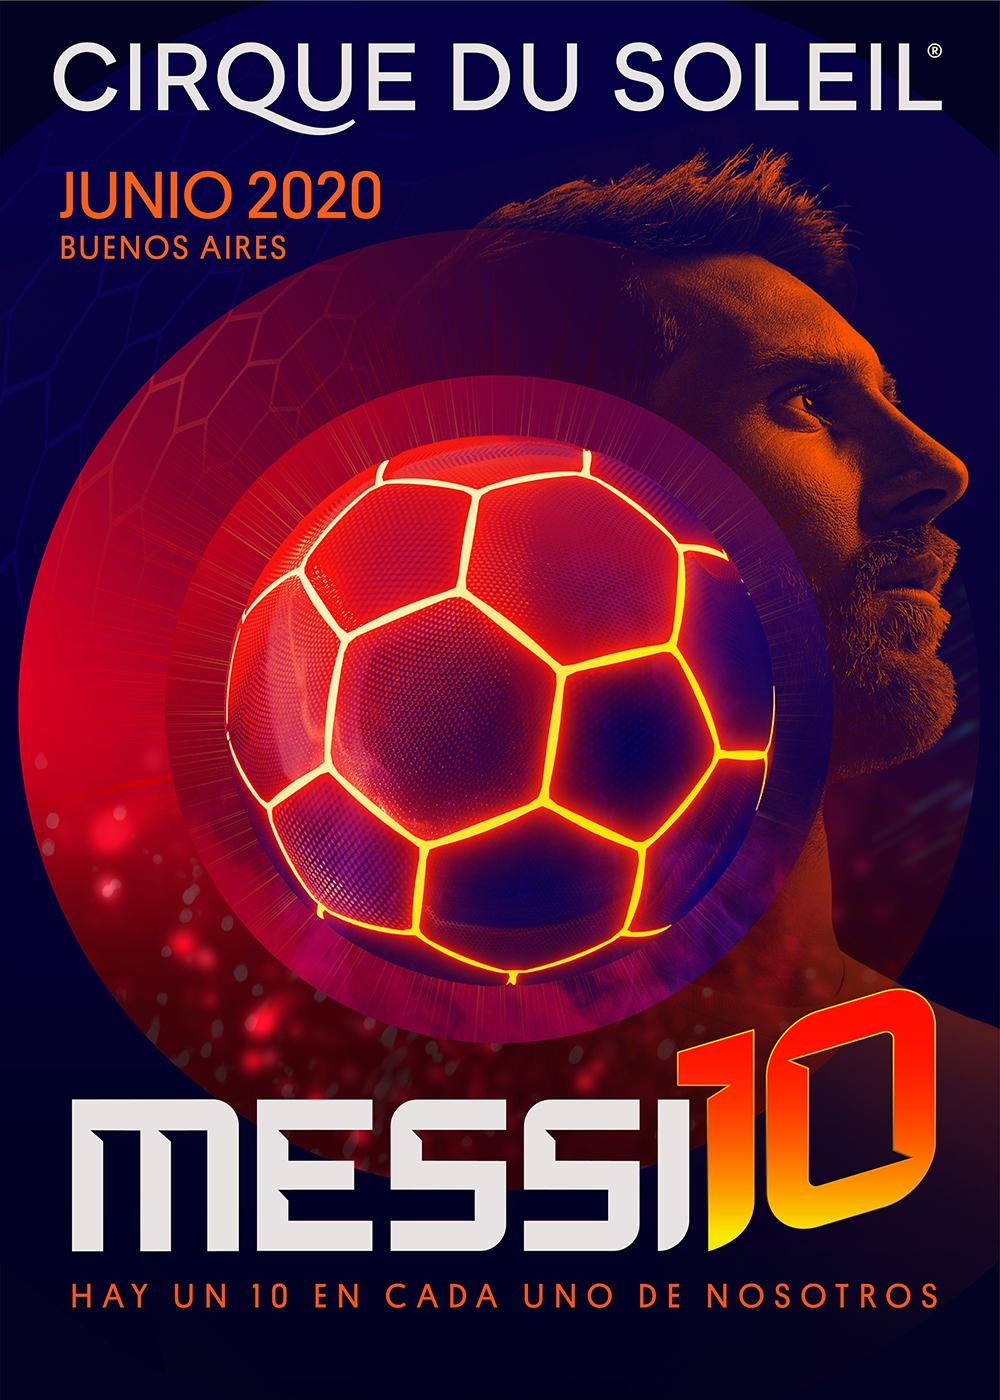 messi10-by-cirque-du-soleil-argentina-2020-poster.jpg